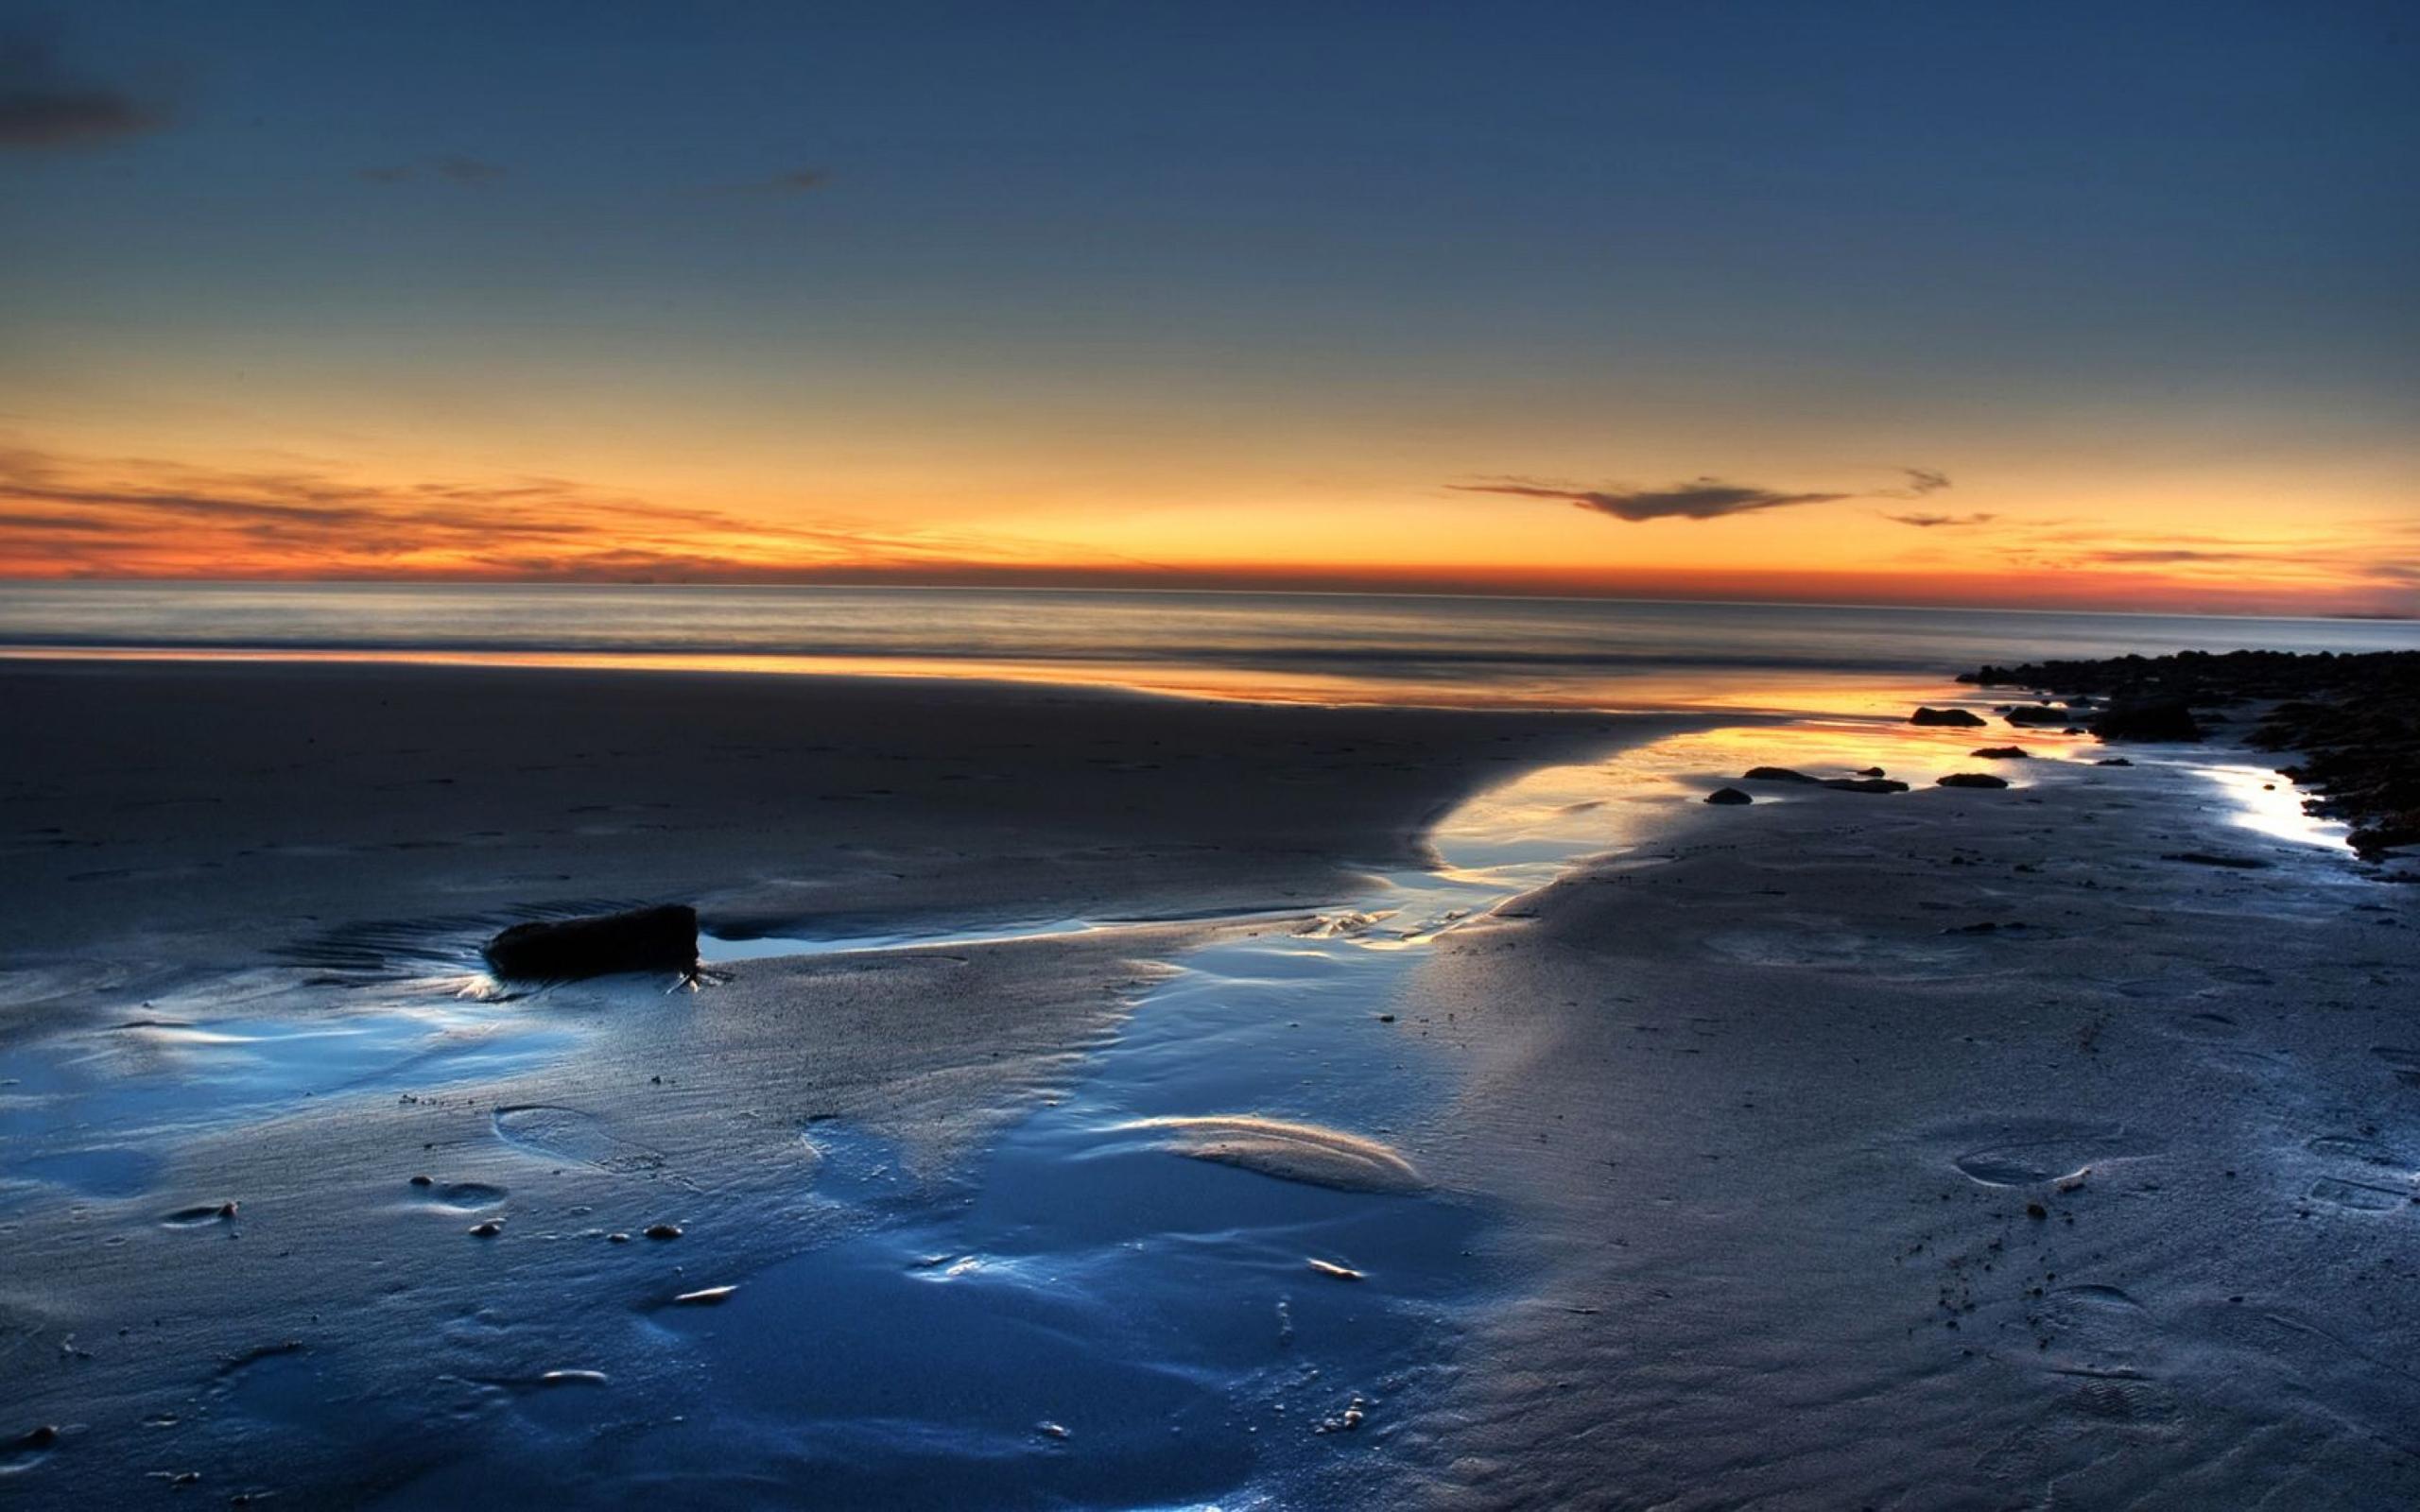 display wallpaper,sky,body of water,sea,nature,horizon